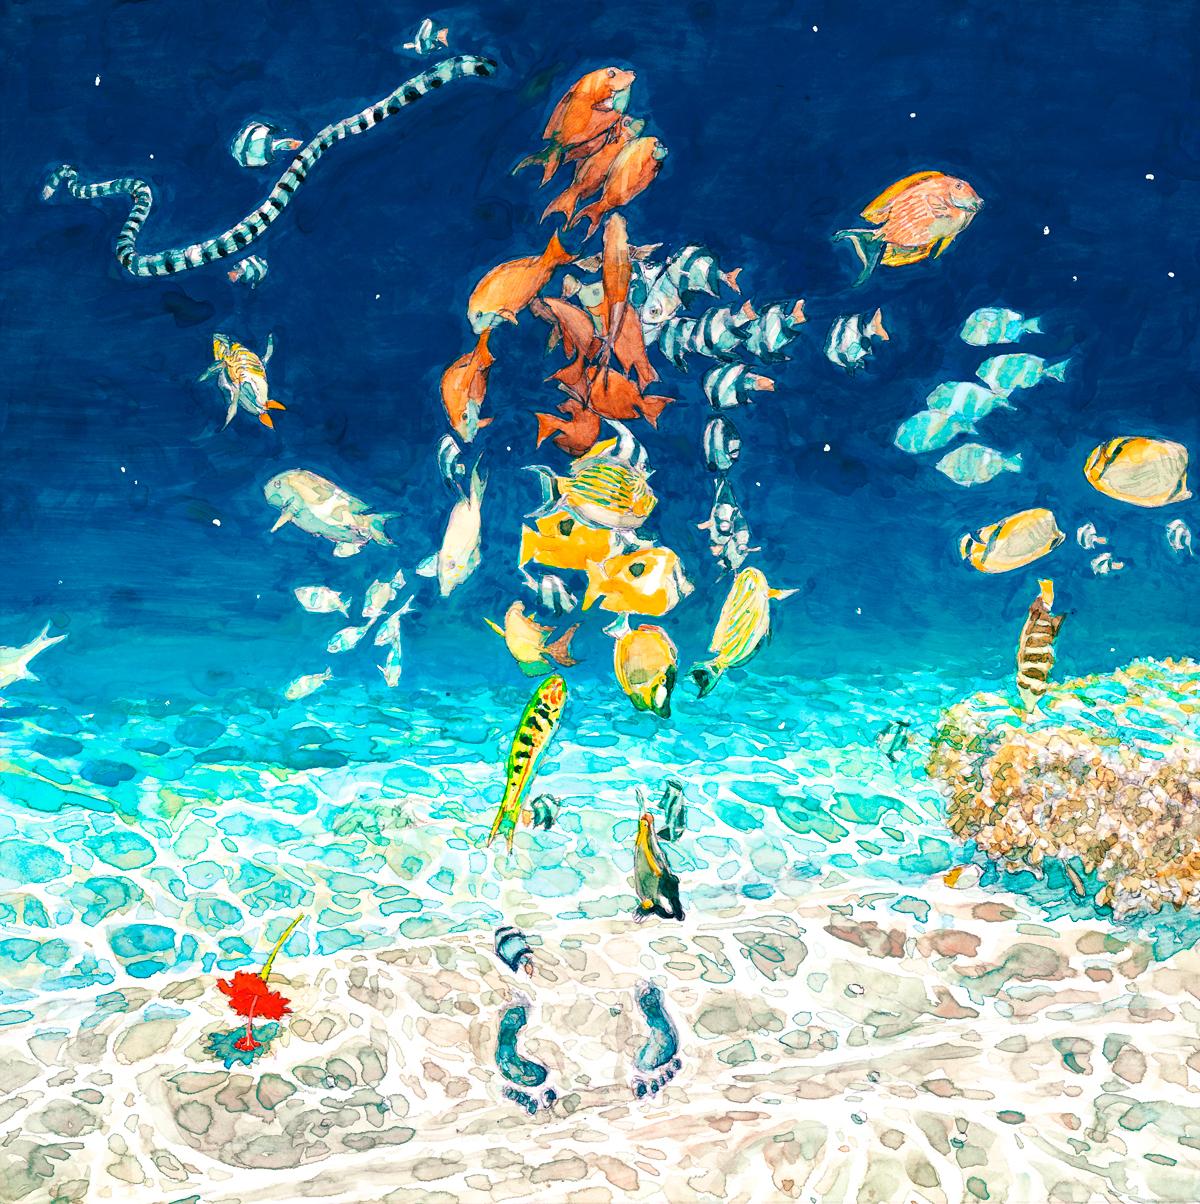 『米津玄師 - 海の幽霊』収録の『海の幽霊』ジャケット